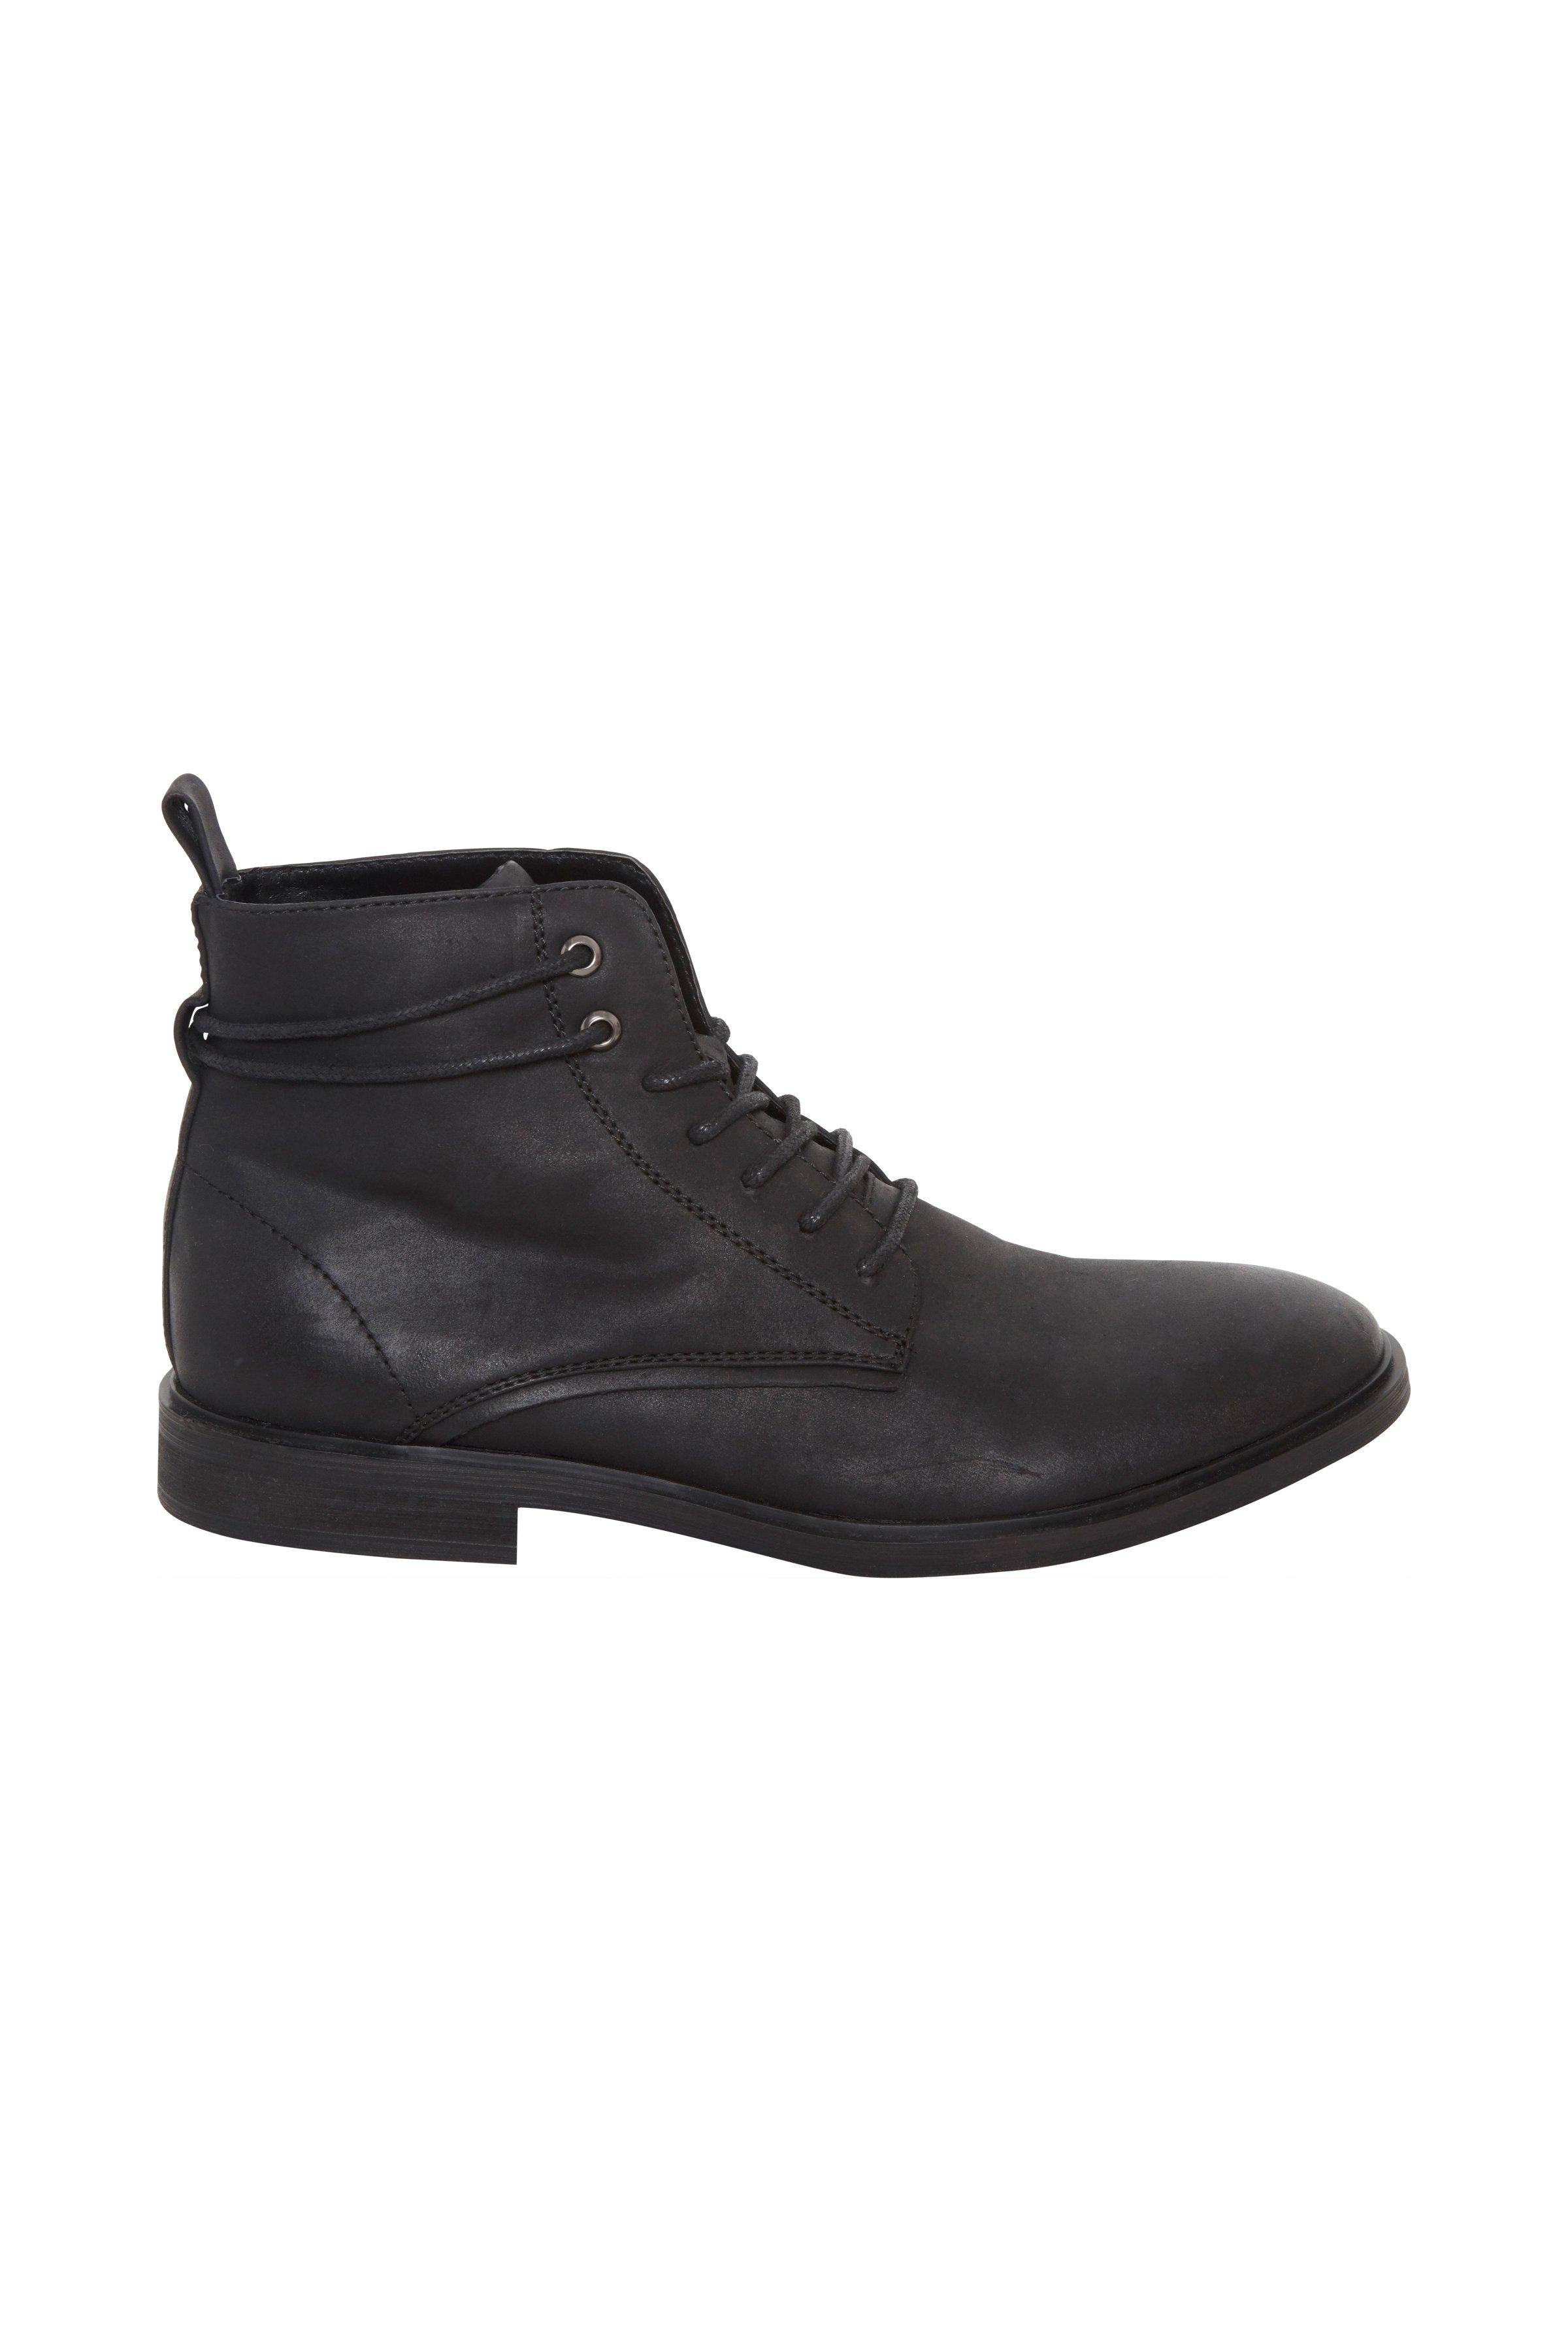 Black Støvler  – Køb Black Støvler  fra str. 42-46 her